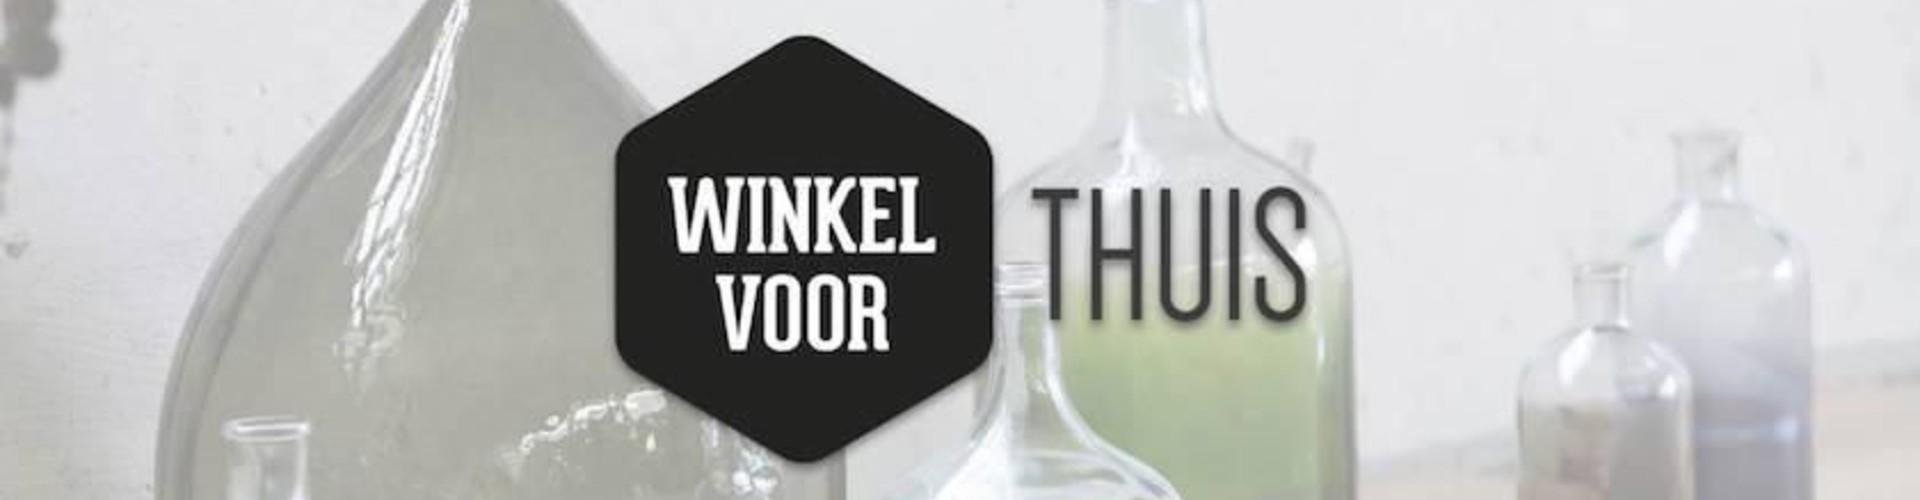 Nieuw logo voor Winkel voor Thuis